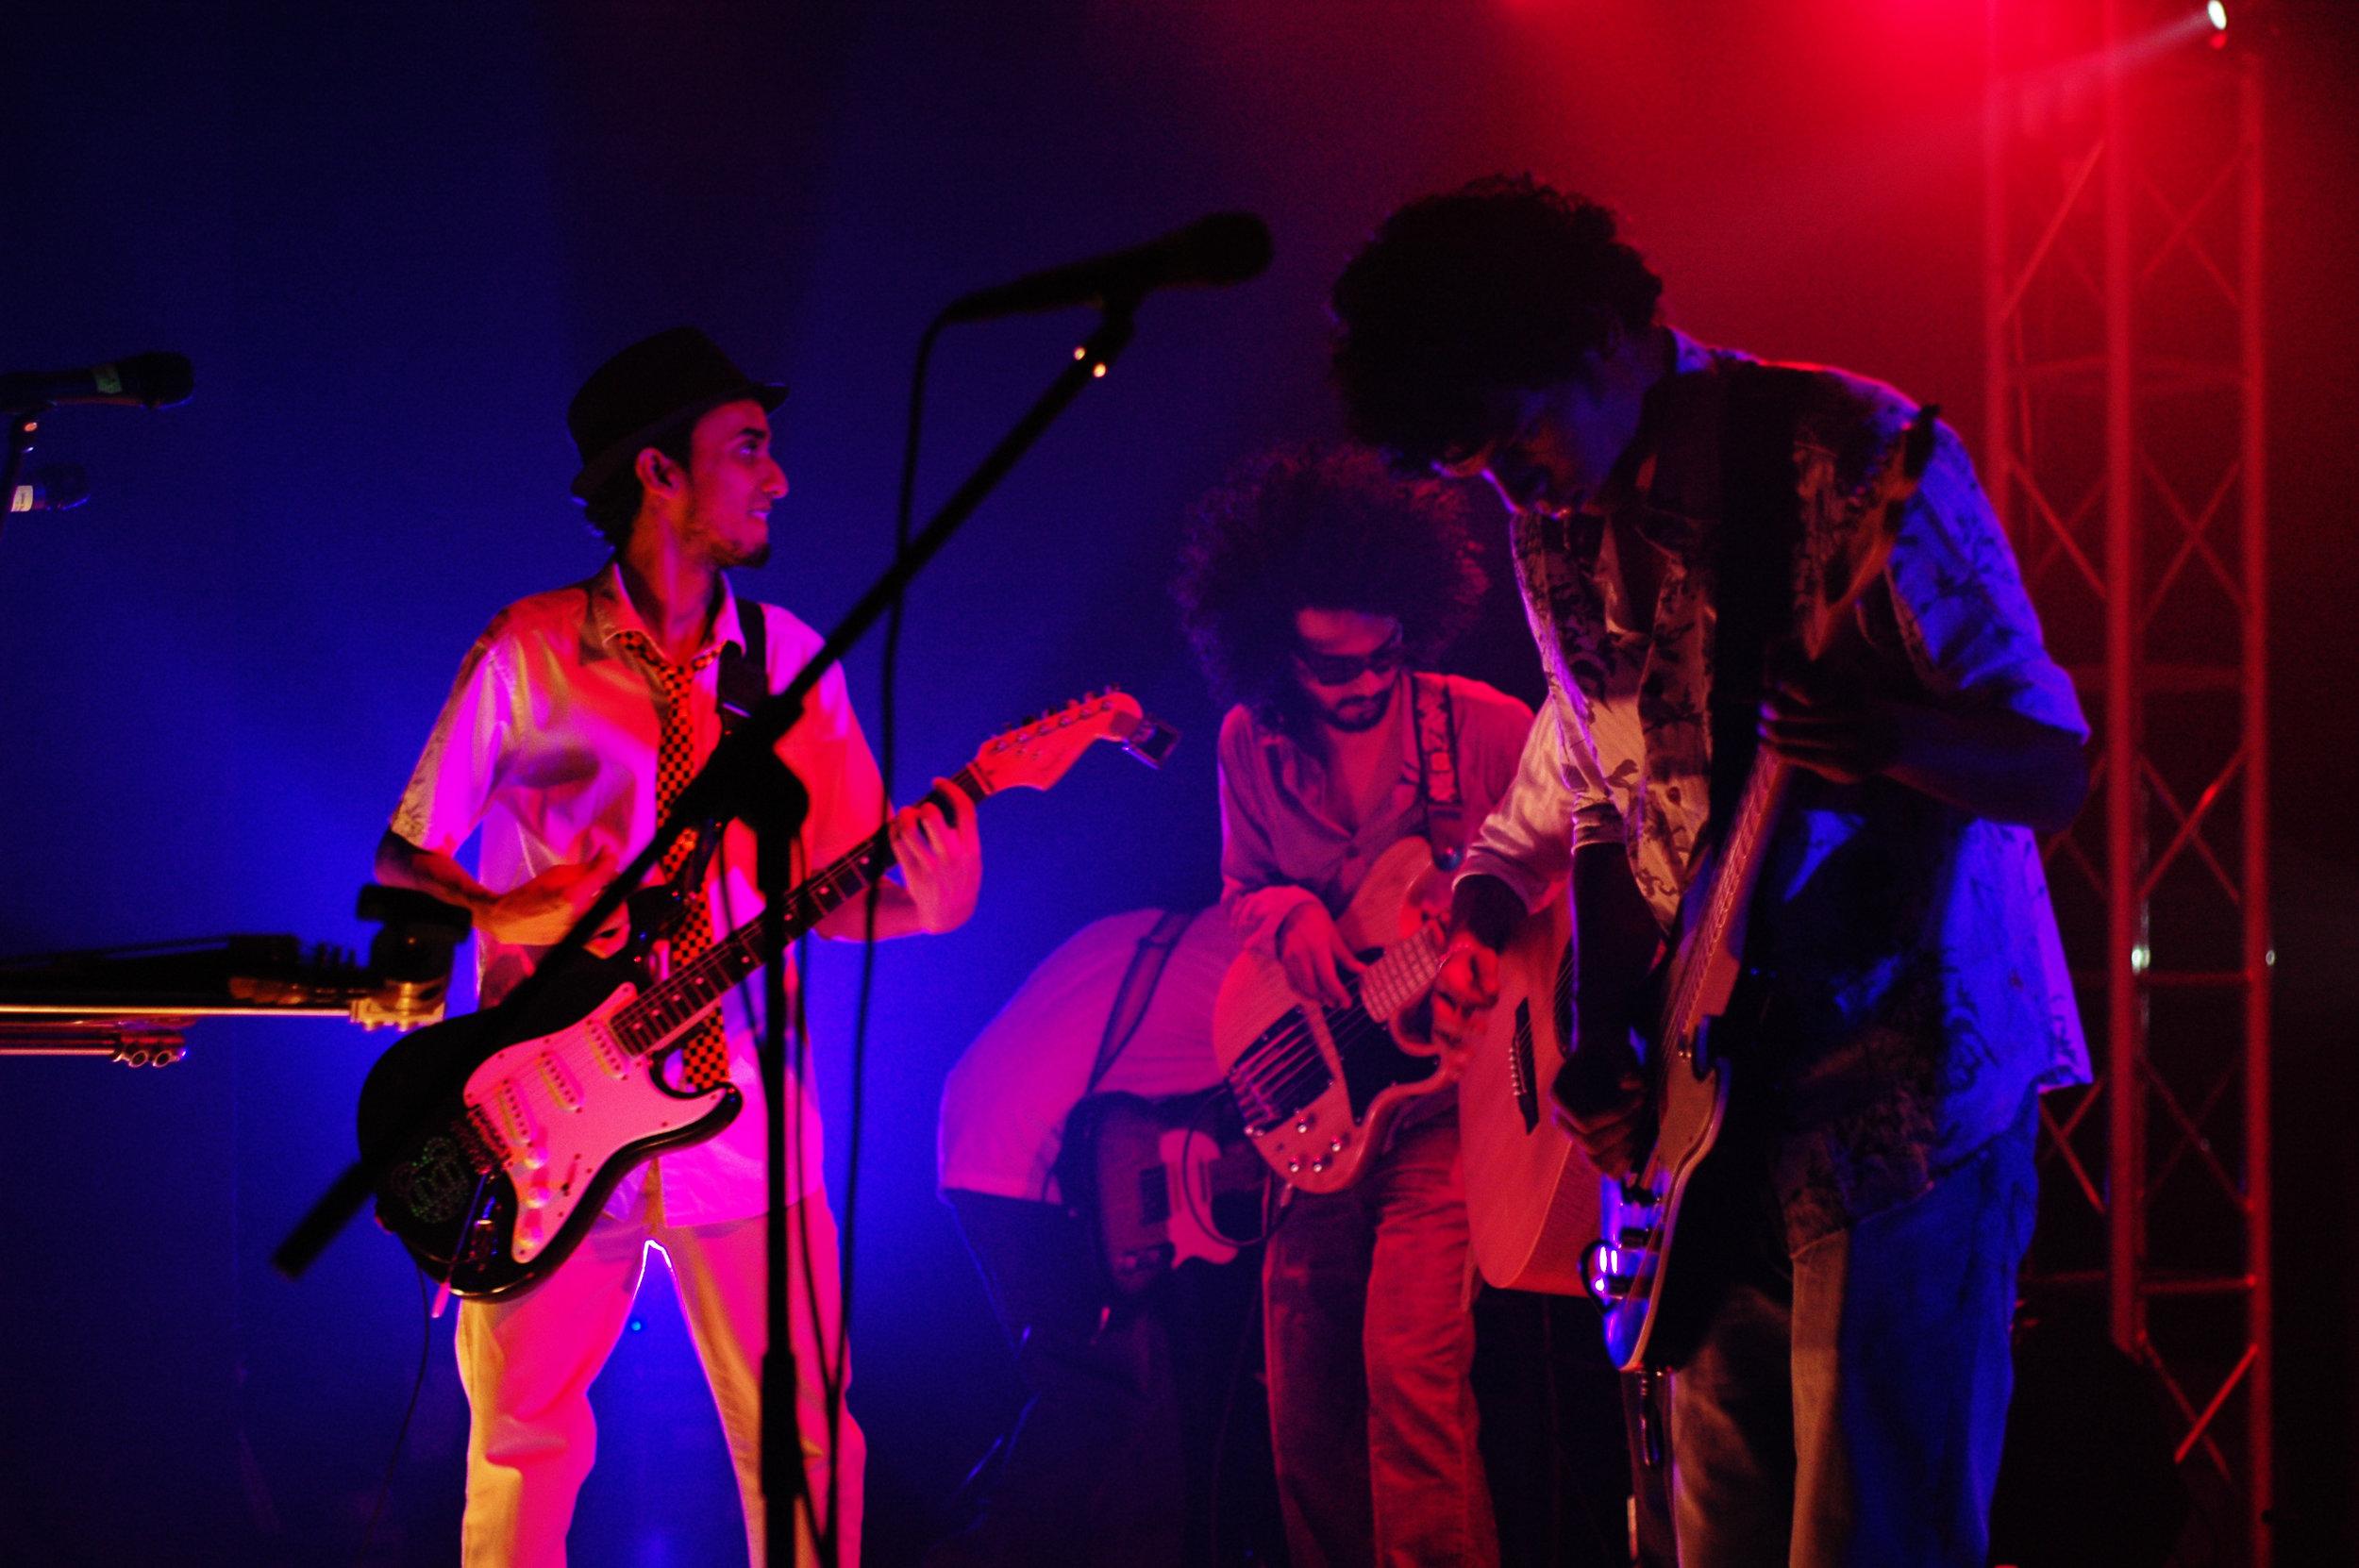 2009-08-19 - Male' City - Dharubaaruge' - Eku Ekee Album Launch - D70s-8010.jpg